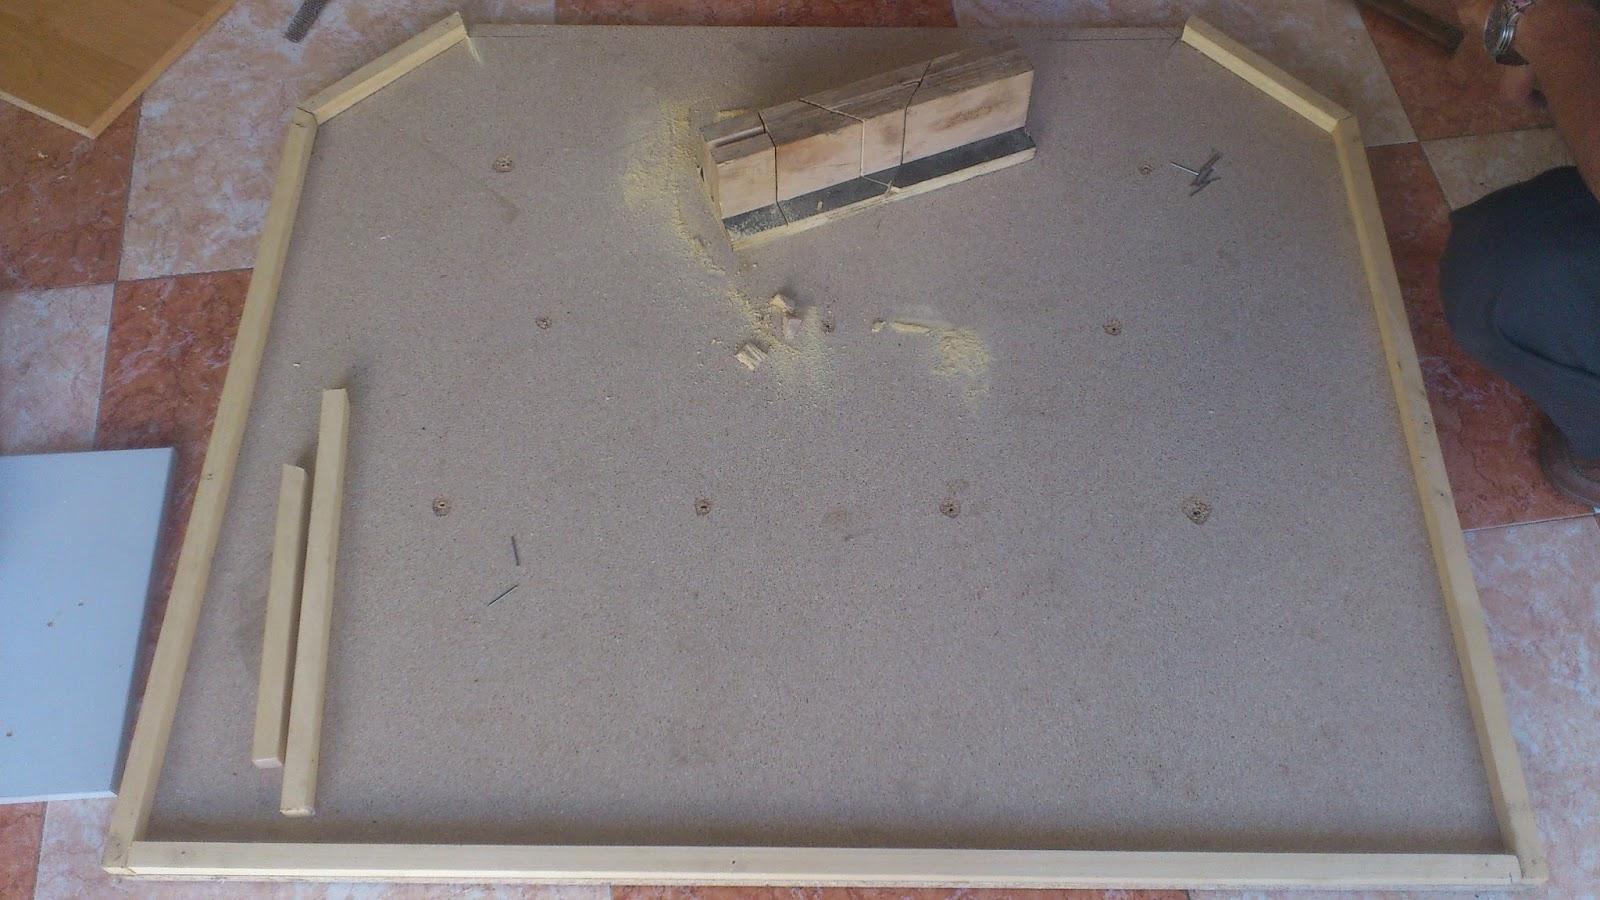 antes de comenzar a tapizar hice unos agujeros en el tablero de madera con un taladro para que una vez tapizado el cabecero nos sirviesen para colocar los